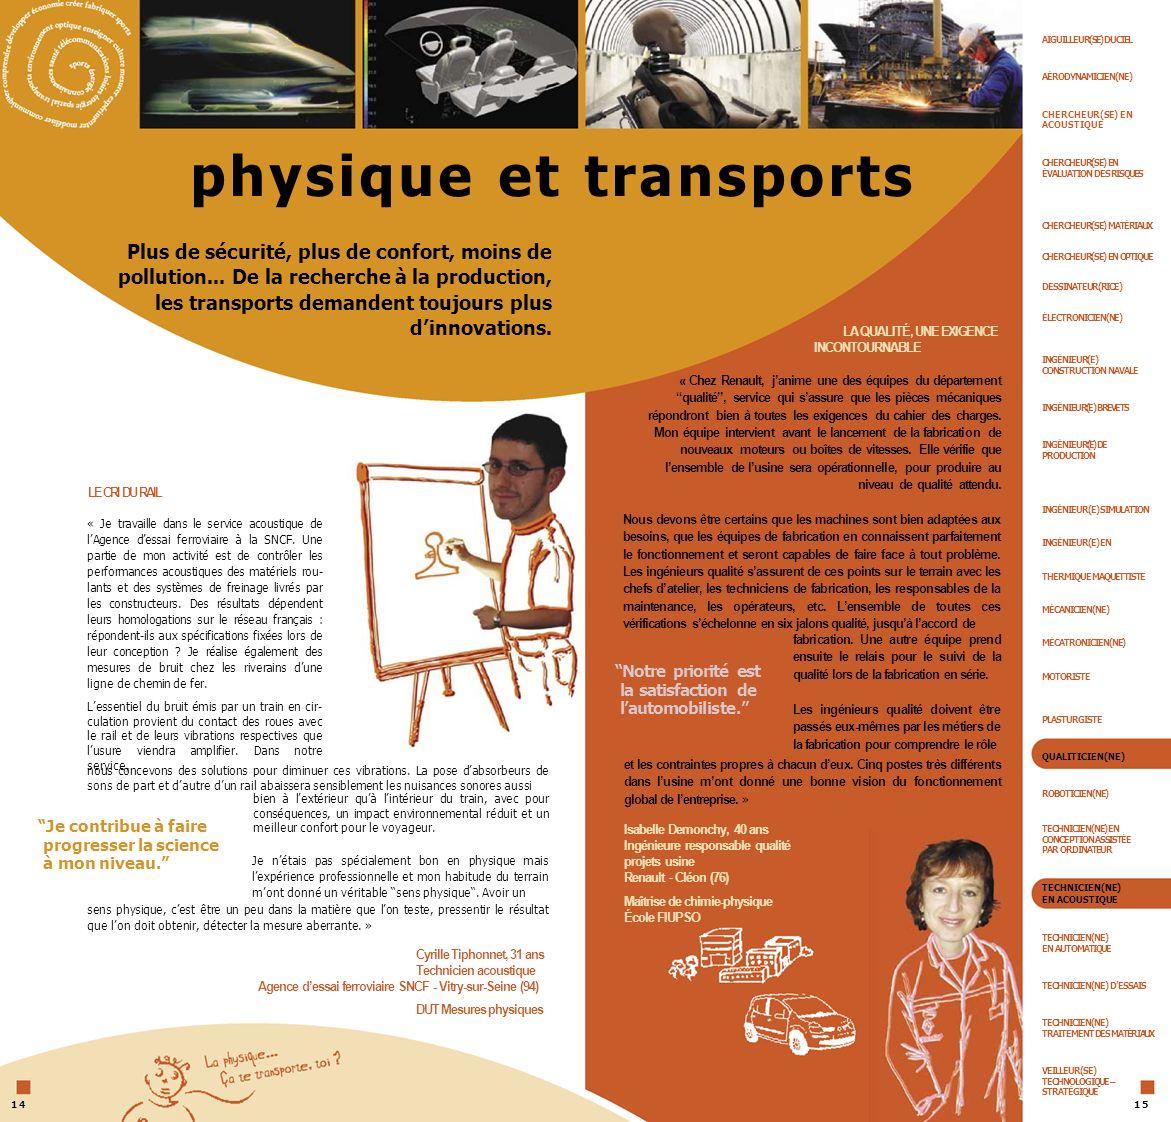 physique et transports